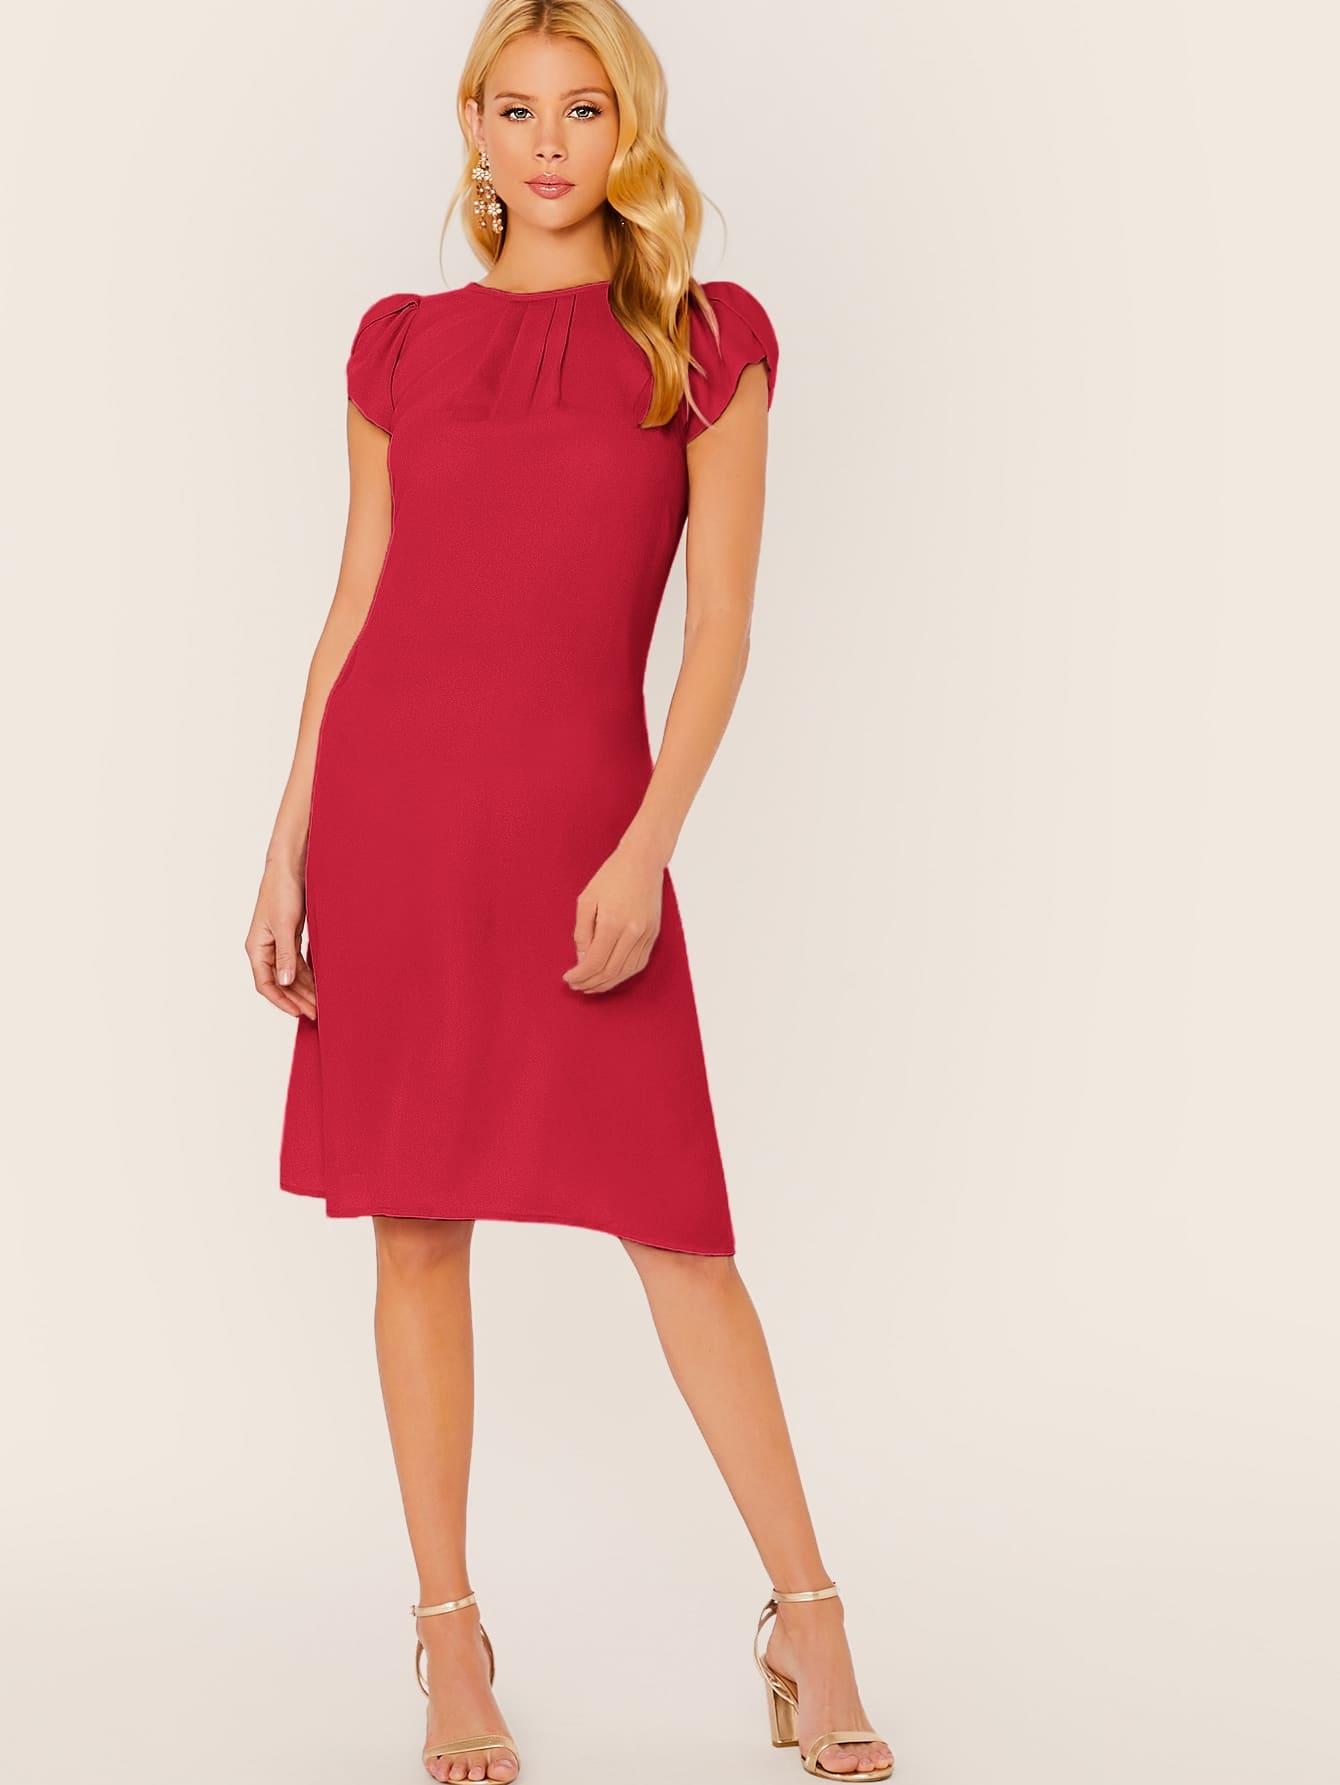 Solid Petal Sleeve Pleated Detail Dress